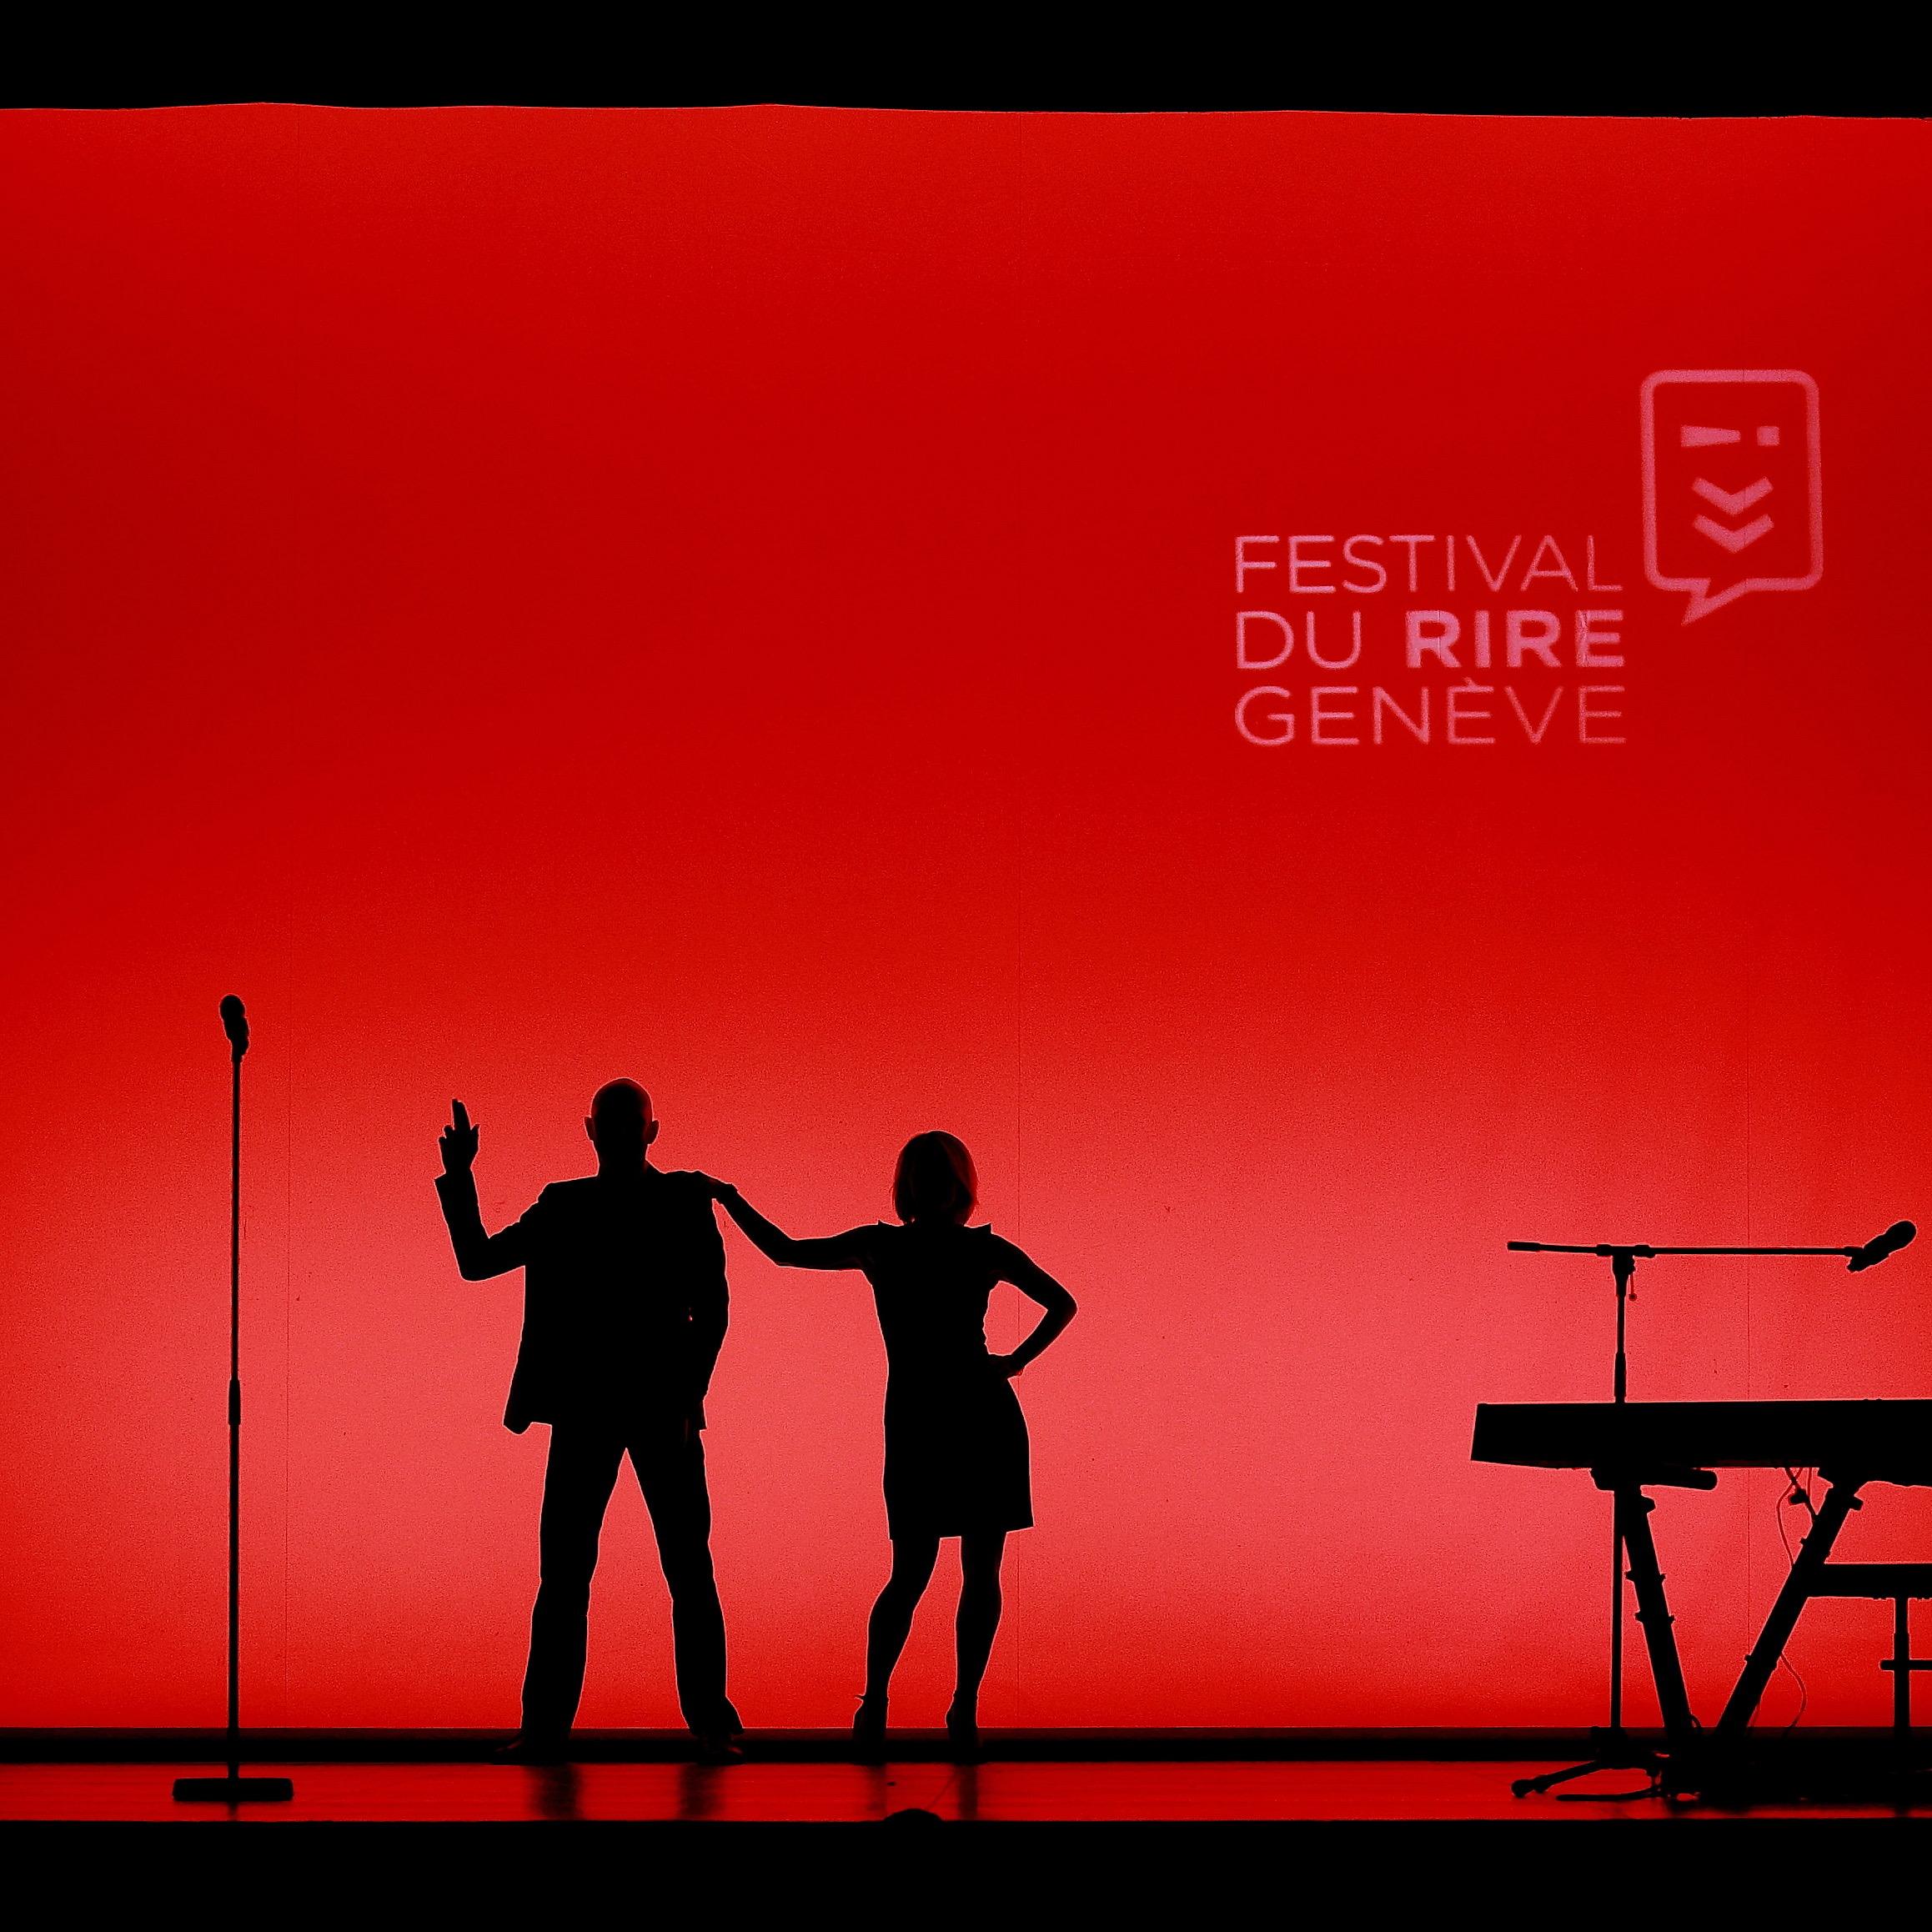 Cécile Giroud & Yann Stotz - Festival du rire de Genève - Casino-Théâtre - 26 mars 2015 Sébastien Monachon